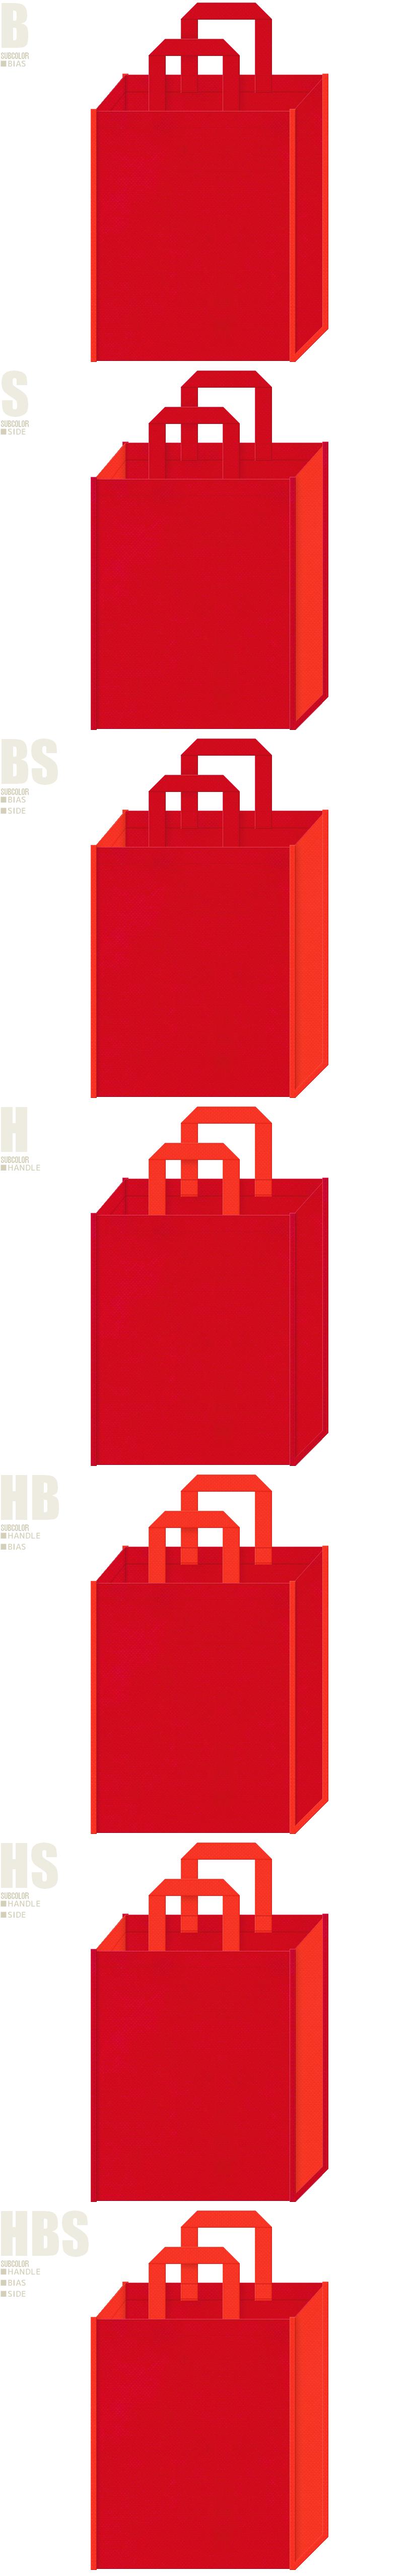 タバスコ・ラー油・激辛・サプリメント・太陽・エネルギー・カイロ・暖房器具・スポーツ・キャンプ・バーベキュー・アウトドア・紅葉・秋のイベント・観光土産にお奨めの不織布バッグデザイン:紅色とオレンジ色の配色7パターン